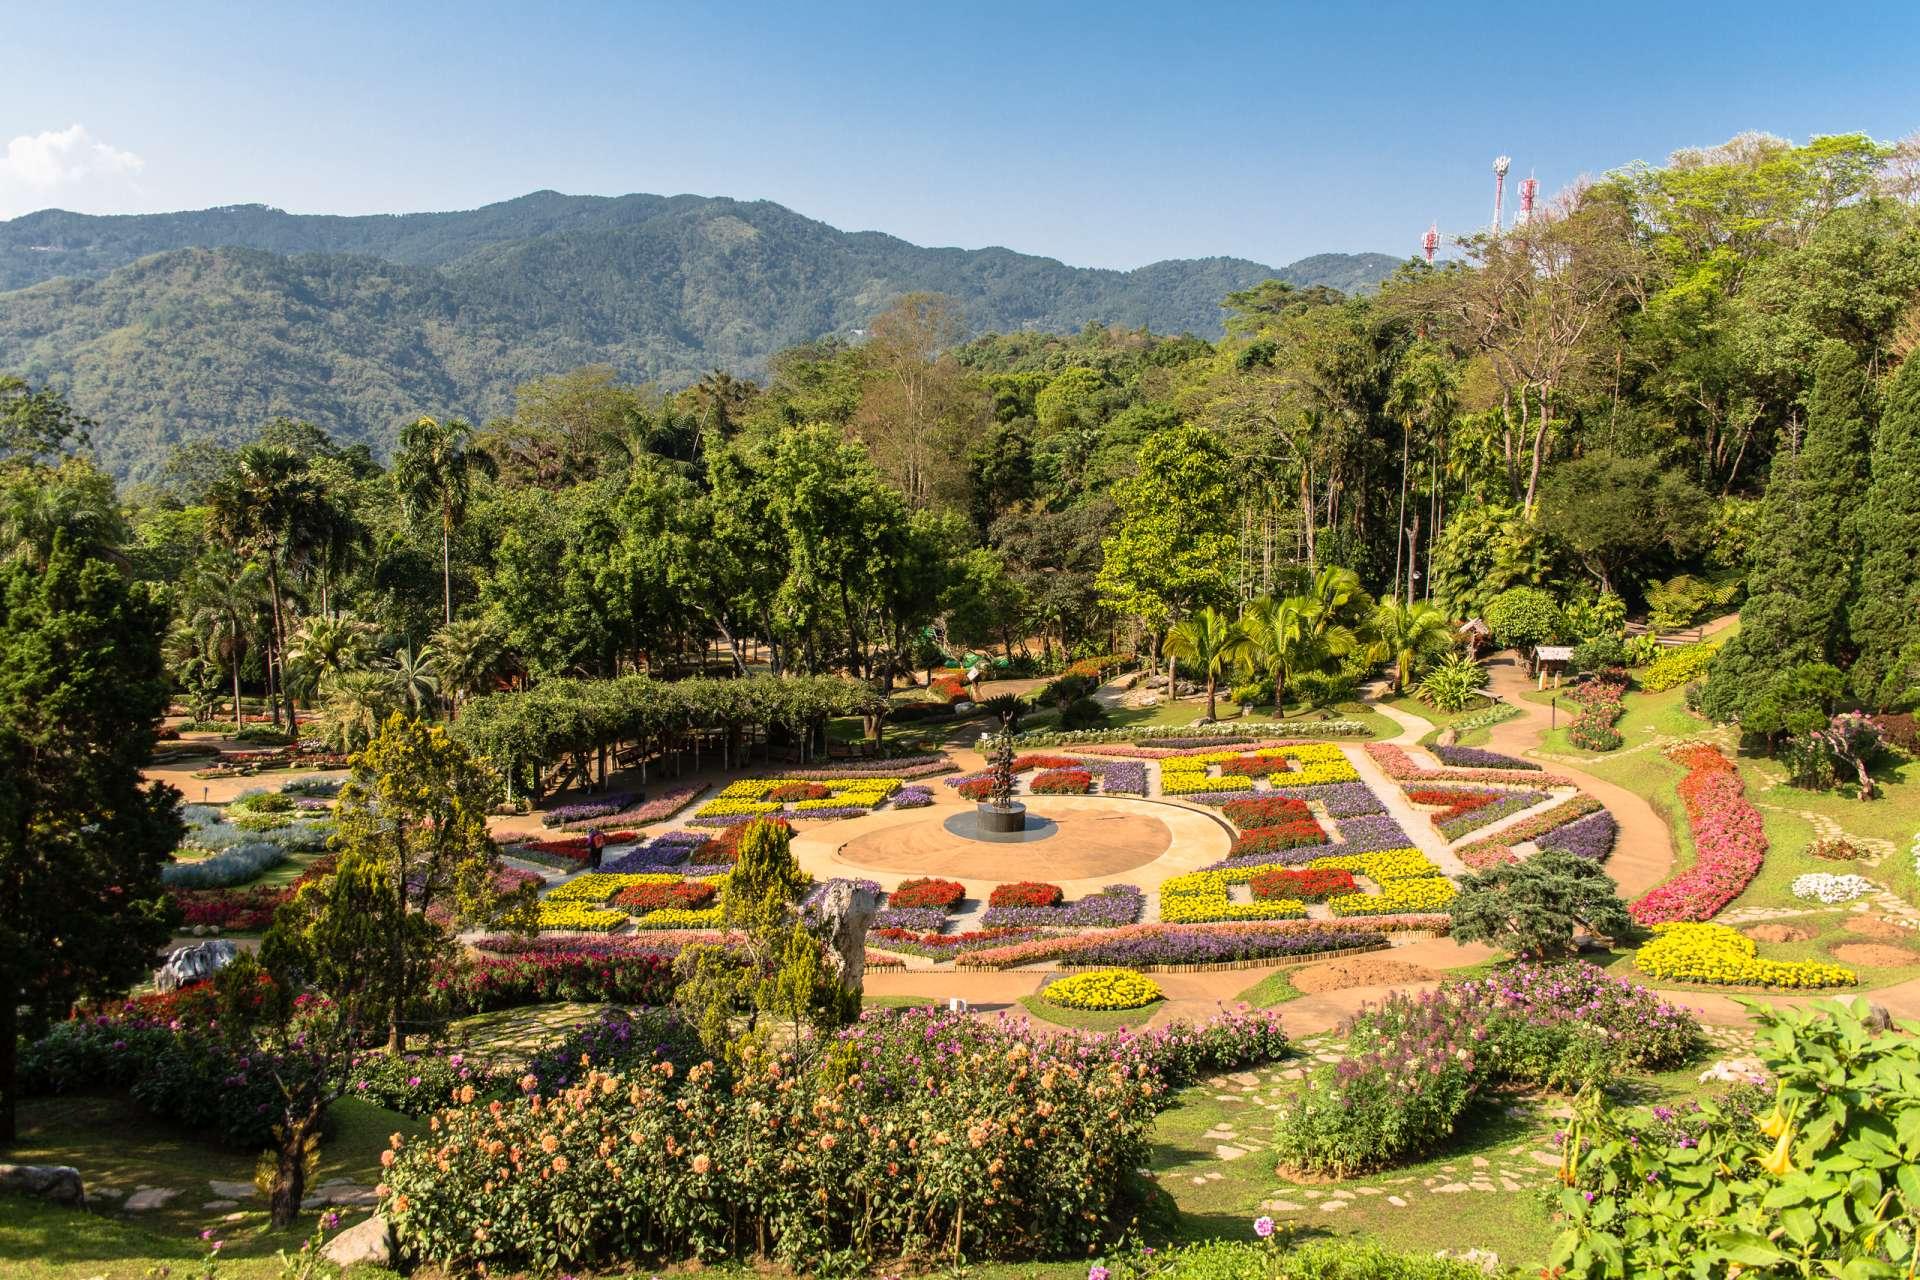 Thailand Chiang Rai flower garden